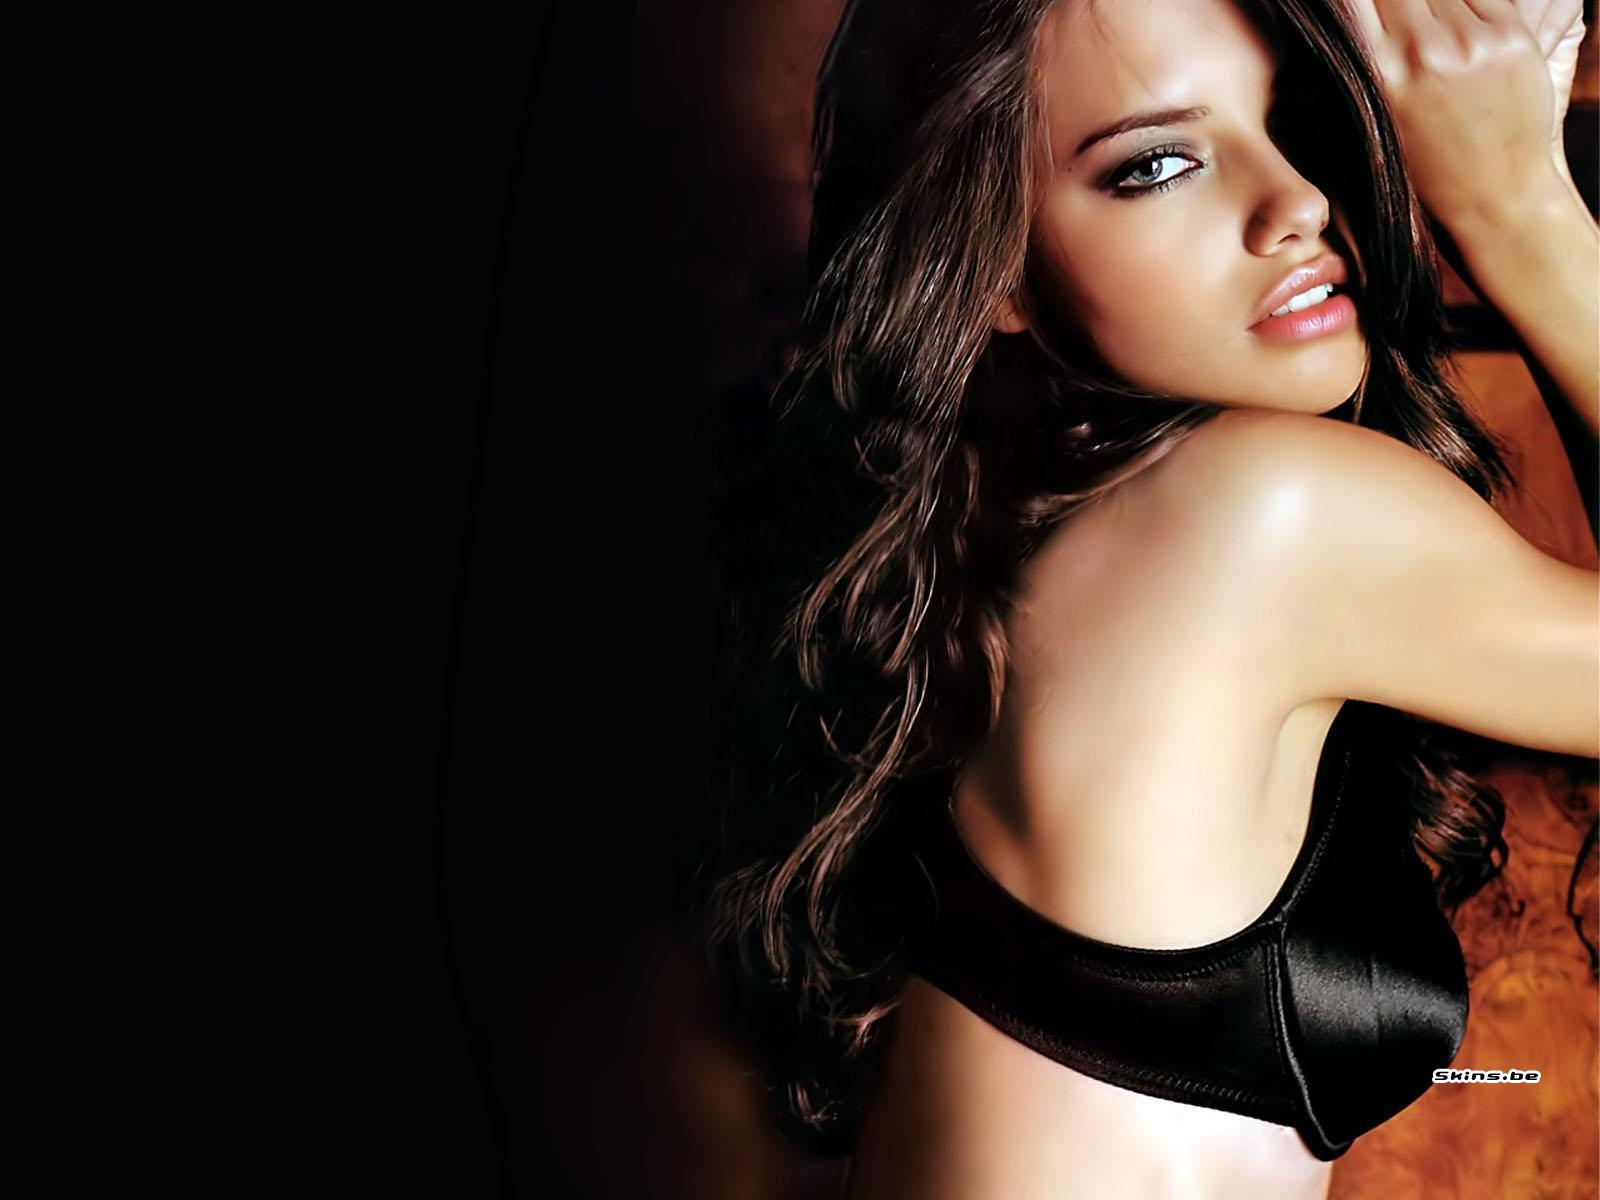 http://1.bp.blogspot.com/_v5h2qxDB1io/TSbN-myX2cI/AAAAAAAAA7k/vQHrENCkffw/s1600/Adriana+Lima_9.jpg